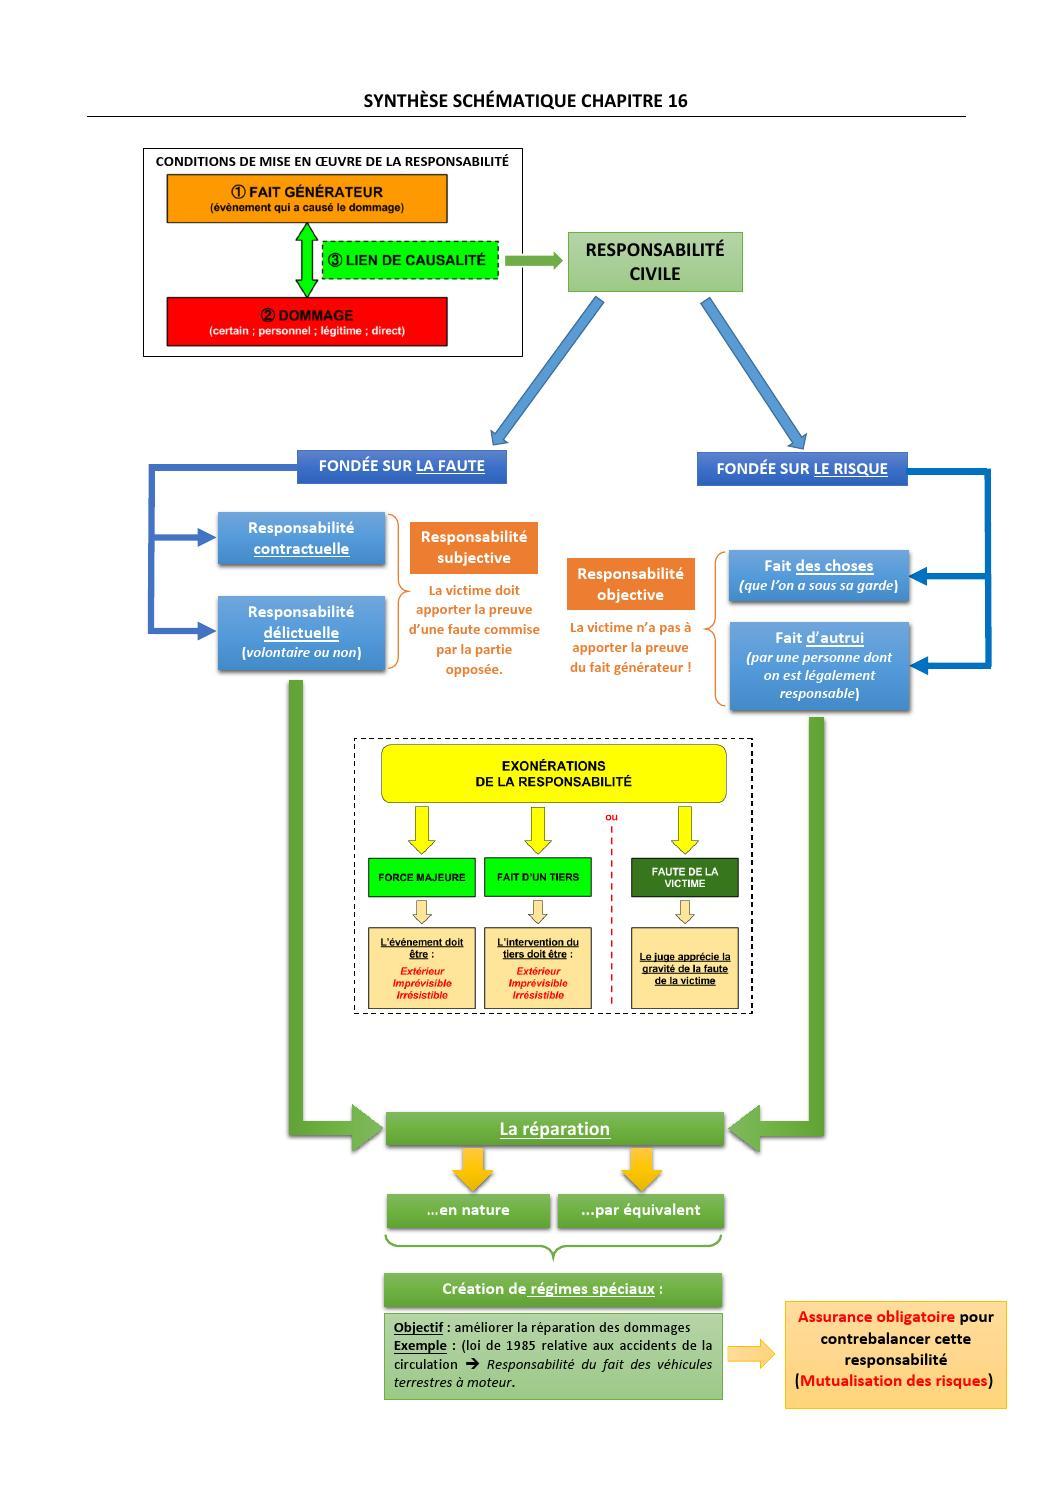 Responsabilité Du Fait D Autrui : responsabilité, autrui, Schéma, Synthèse, Droit, Romain, Gillet, Issuu